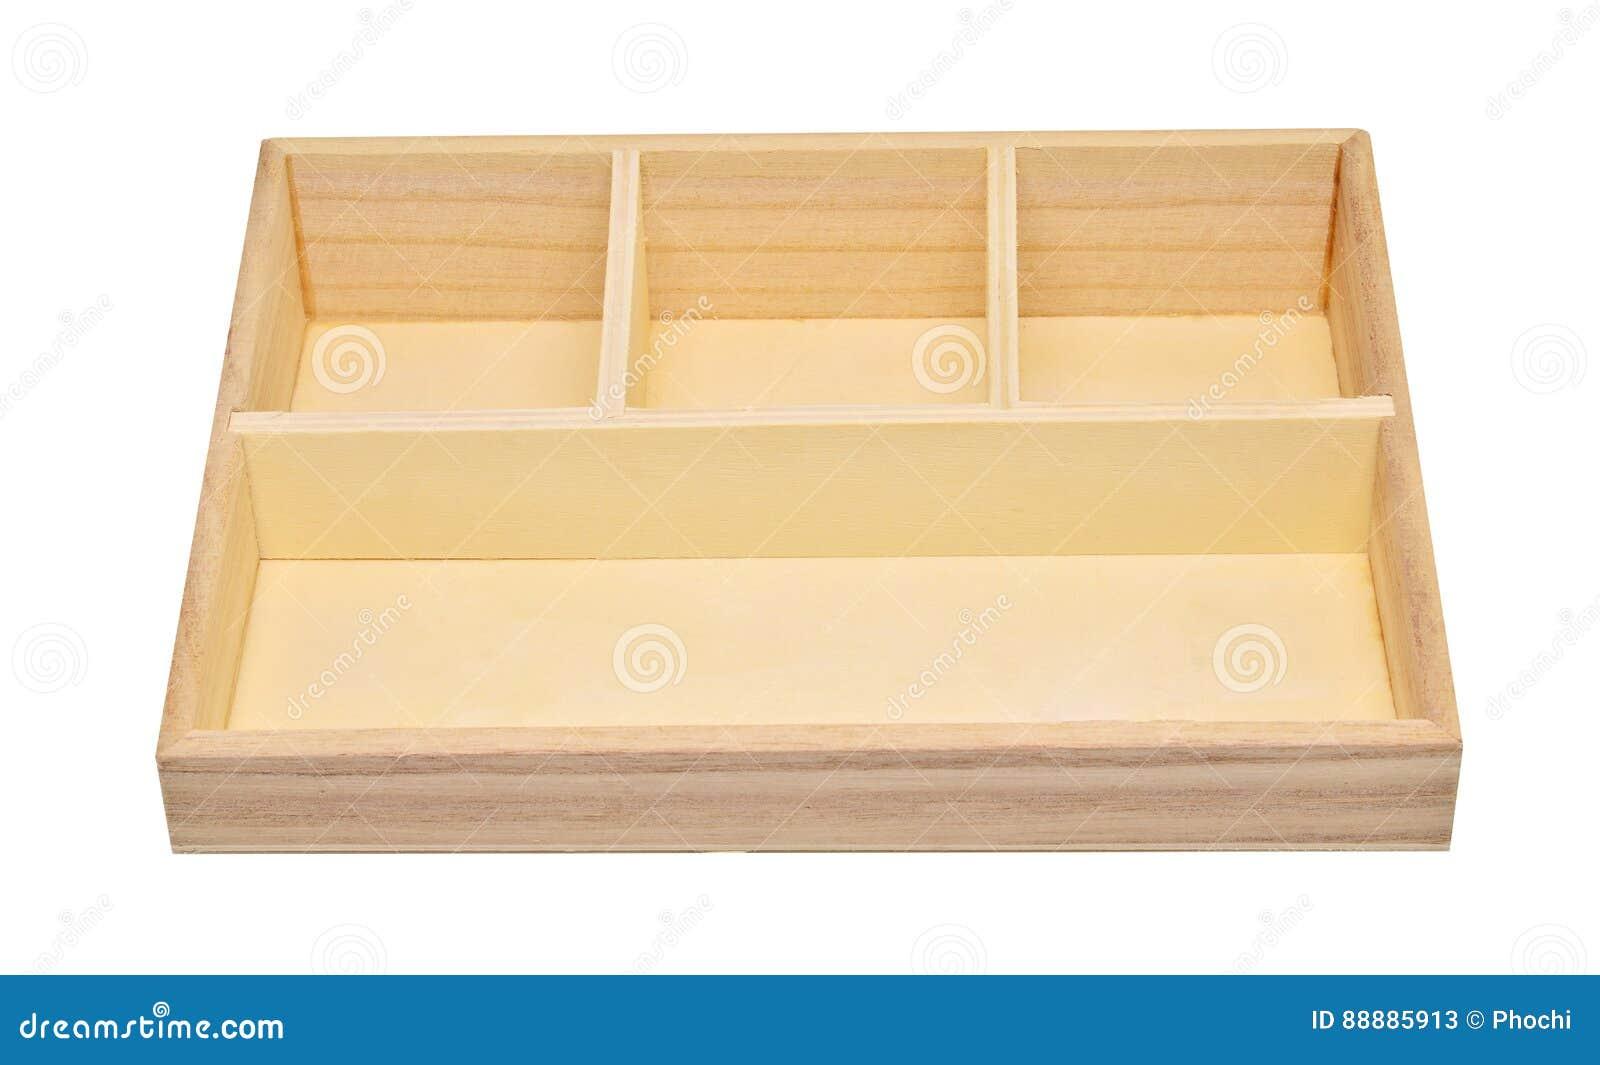 在白色背景裁减路线隔绝的空的木架子箱子